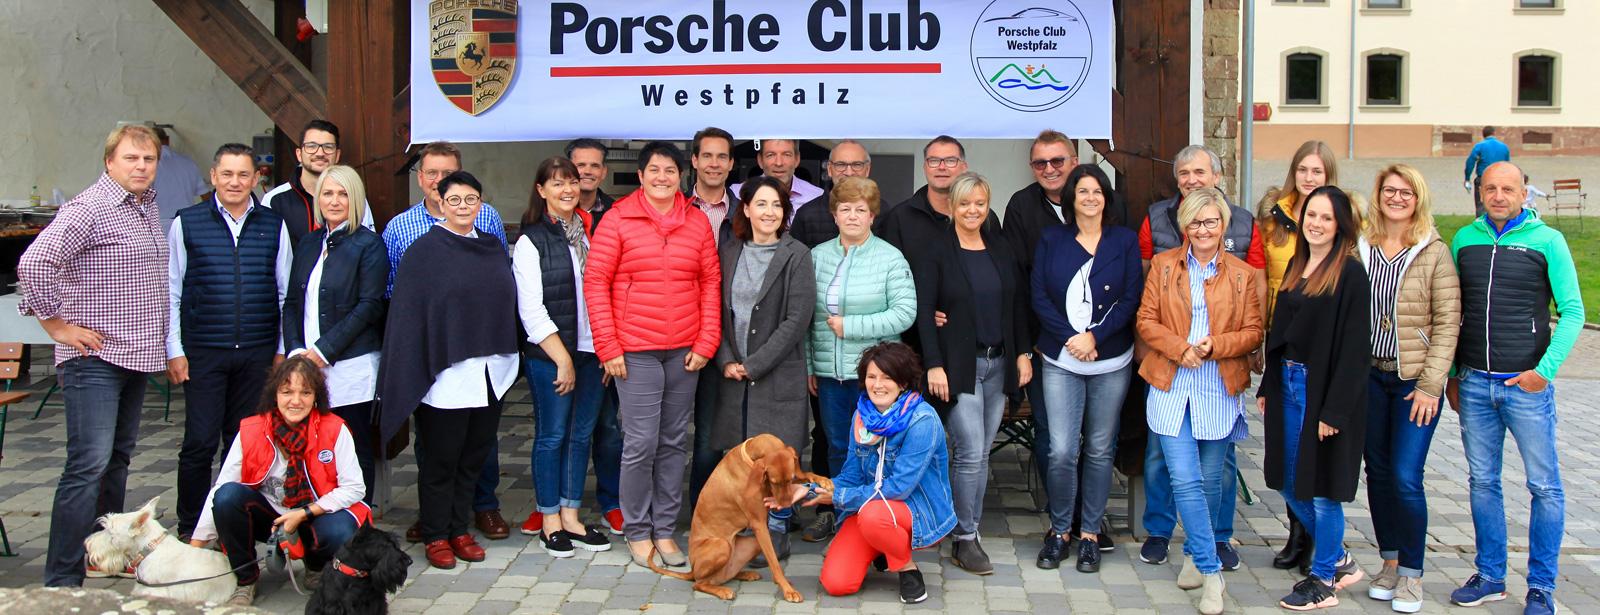 Veranstaltungen & News | Porsche Club Westpfalz